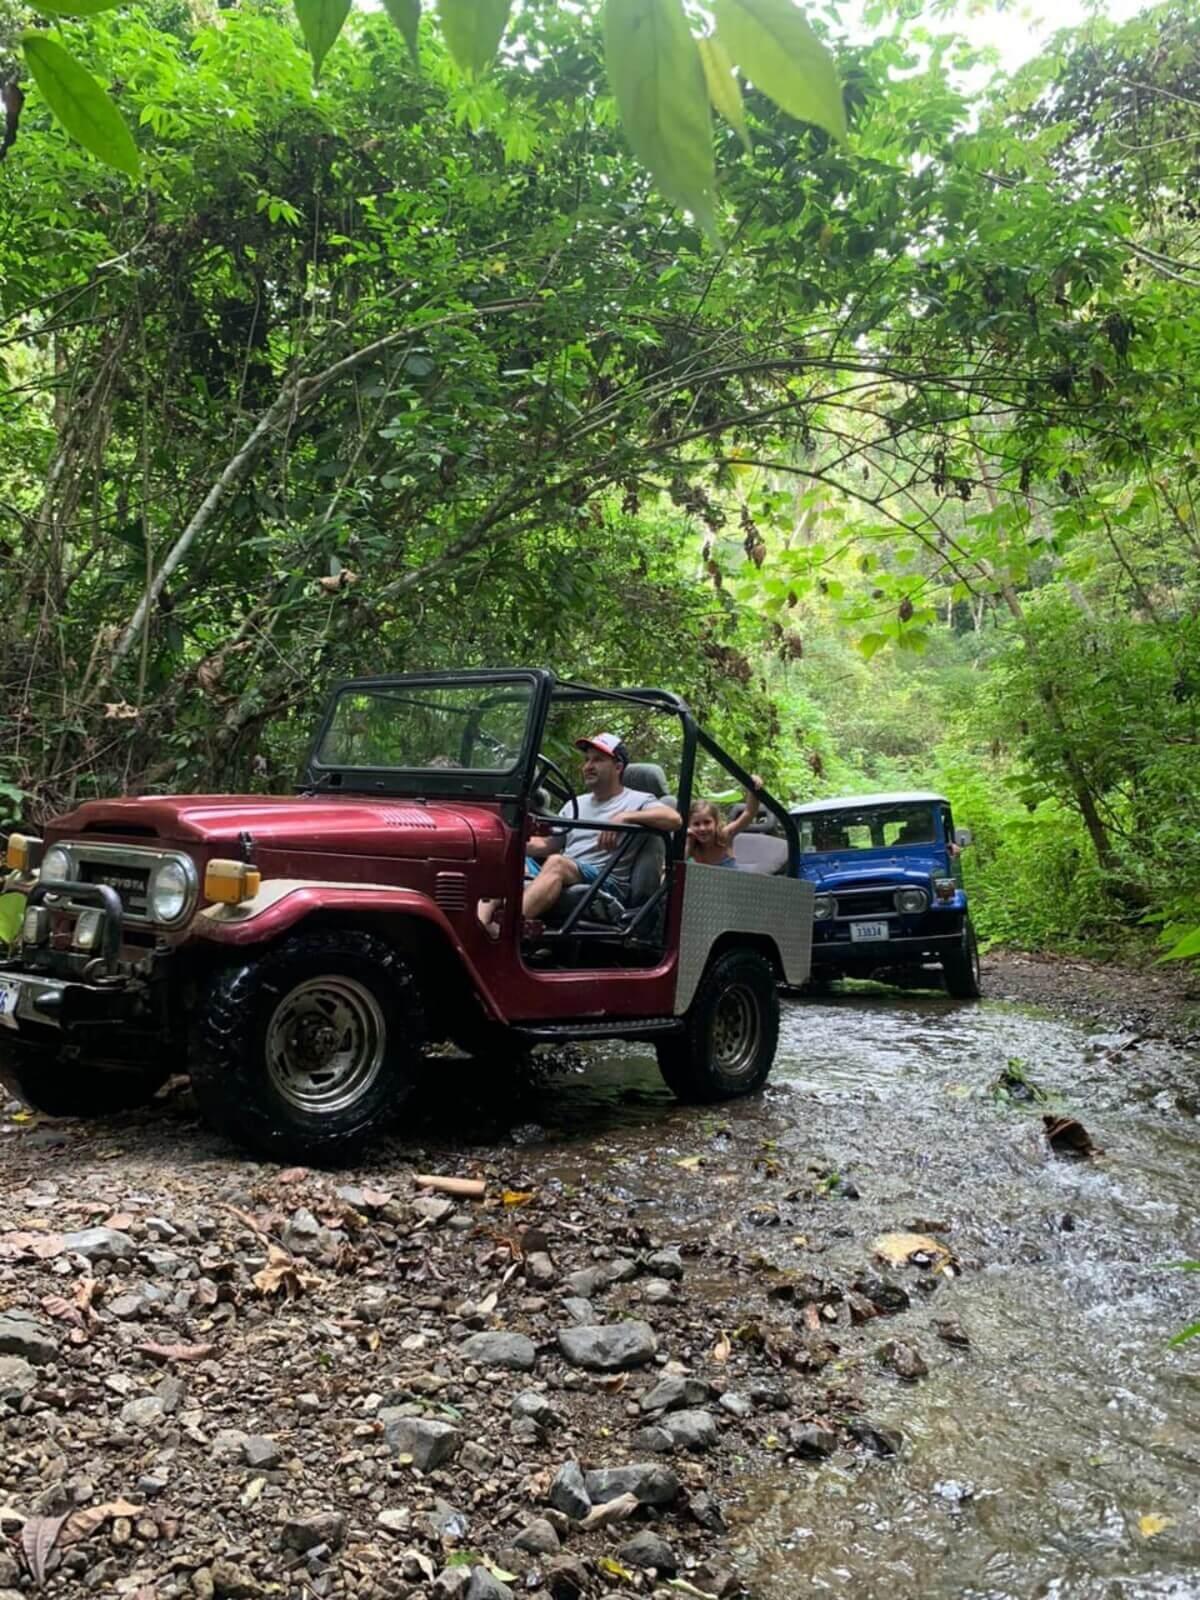 Jeep safari tour, Costa Rica